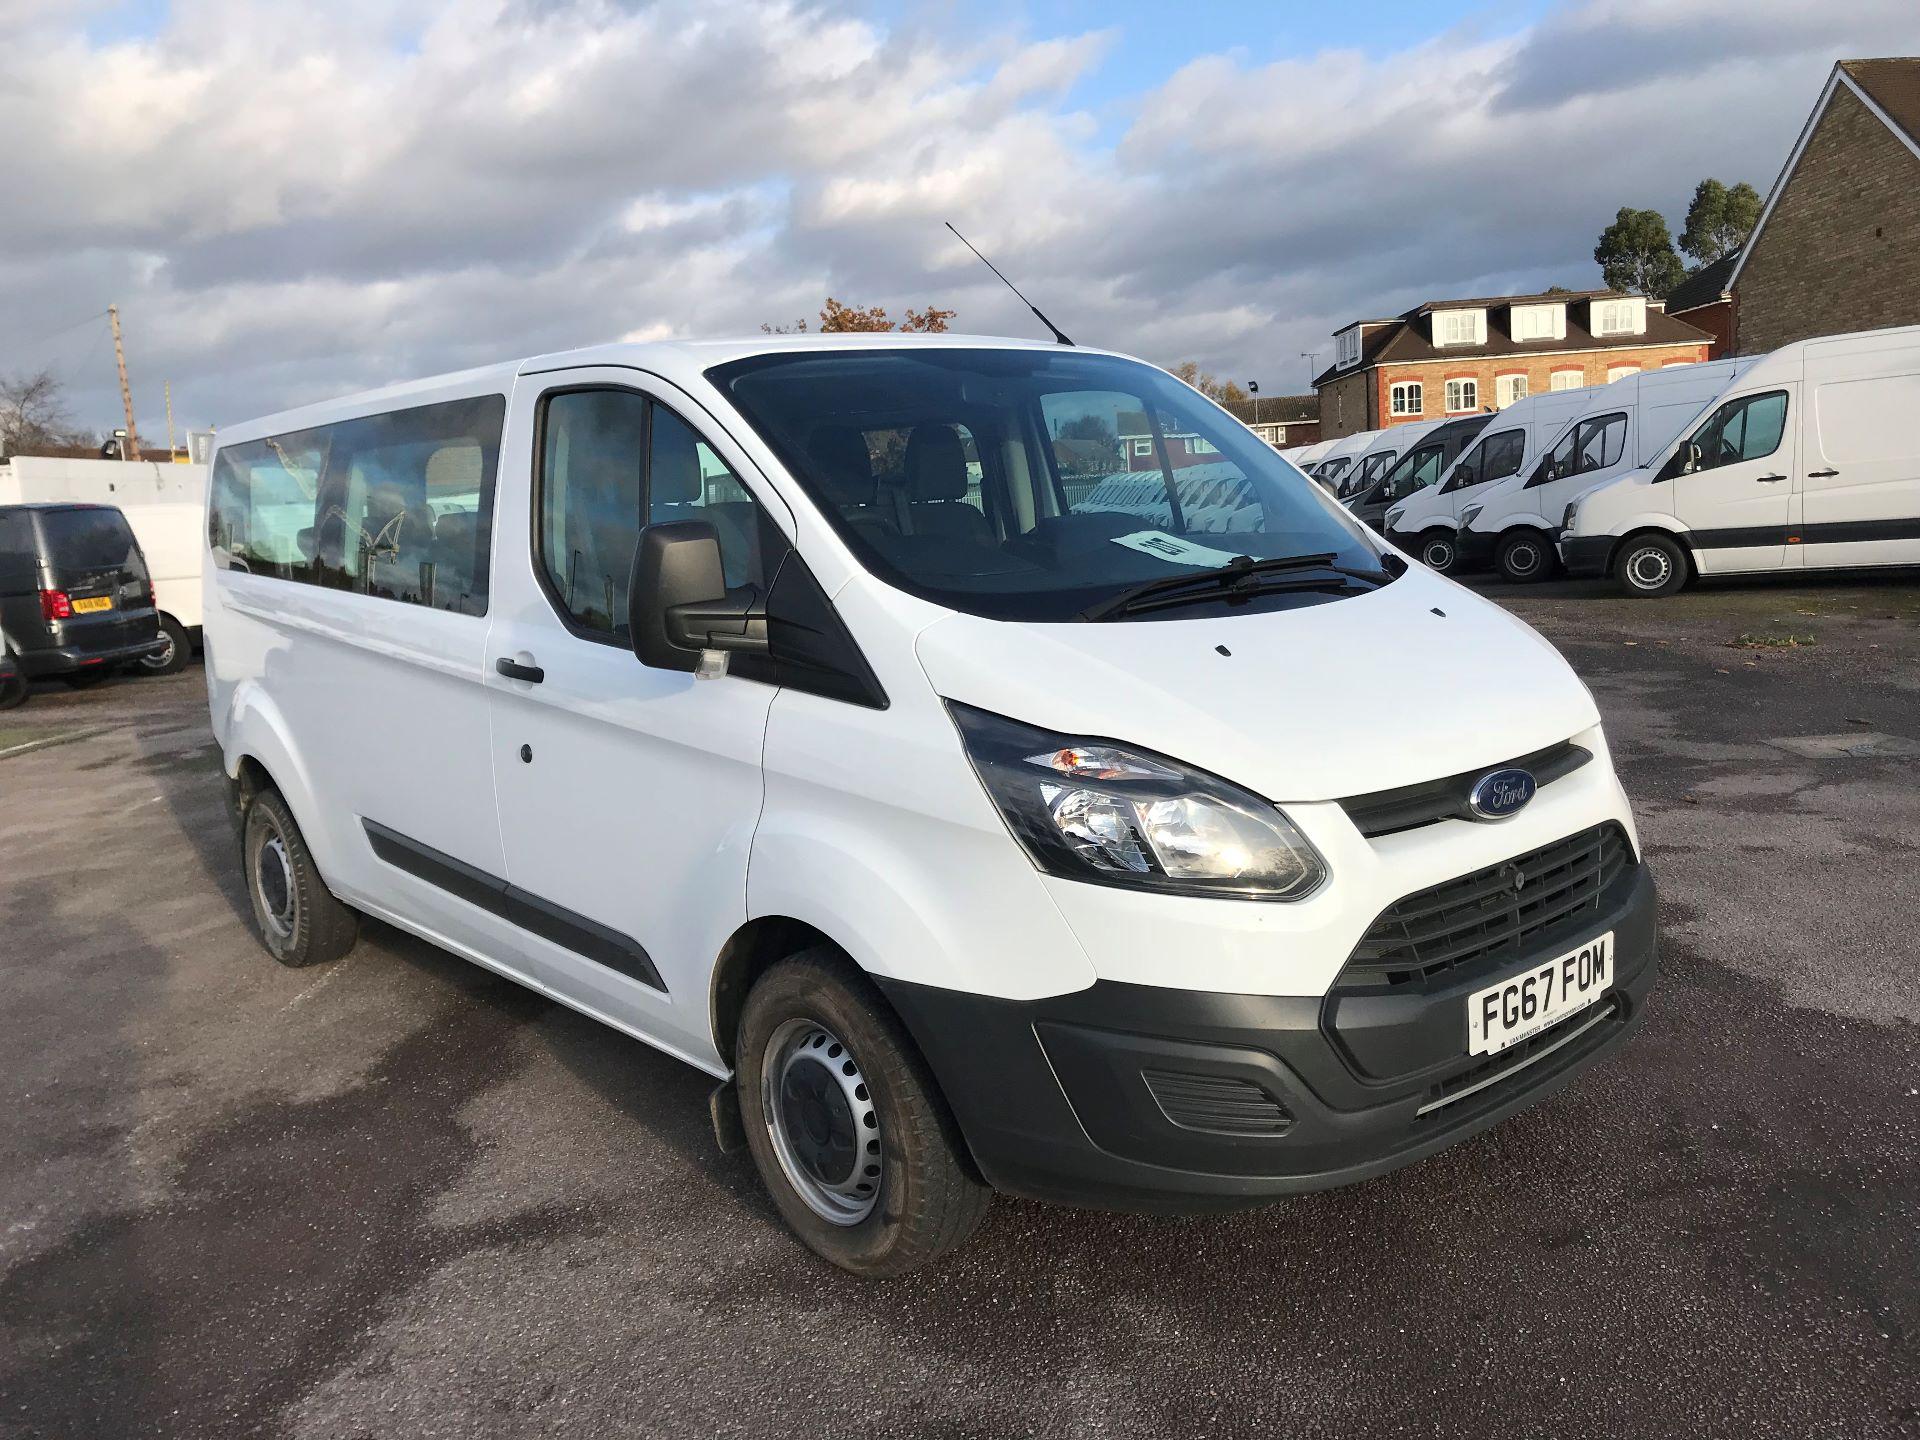 2017 Ford Transit Custom   310 L2 L/R KOMBI 130PS EURO 6 (FG67FOM)